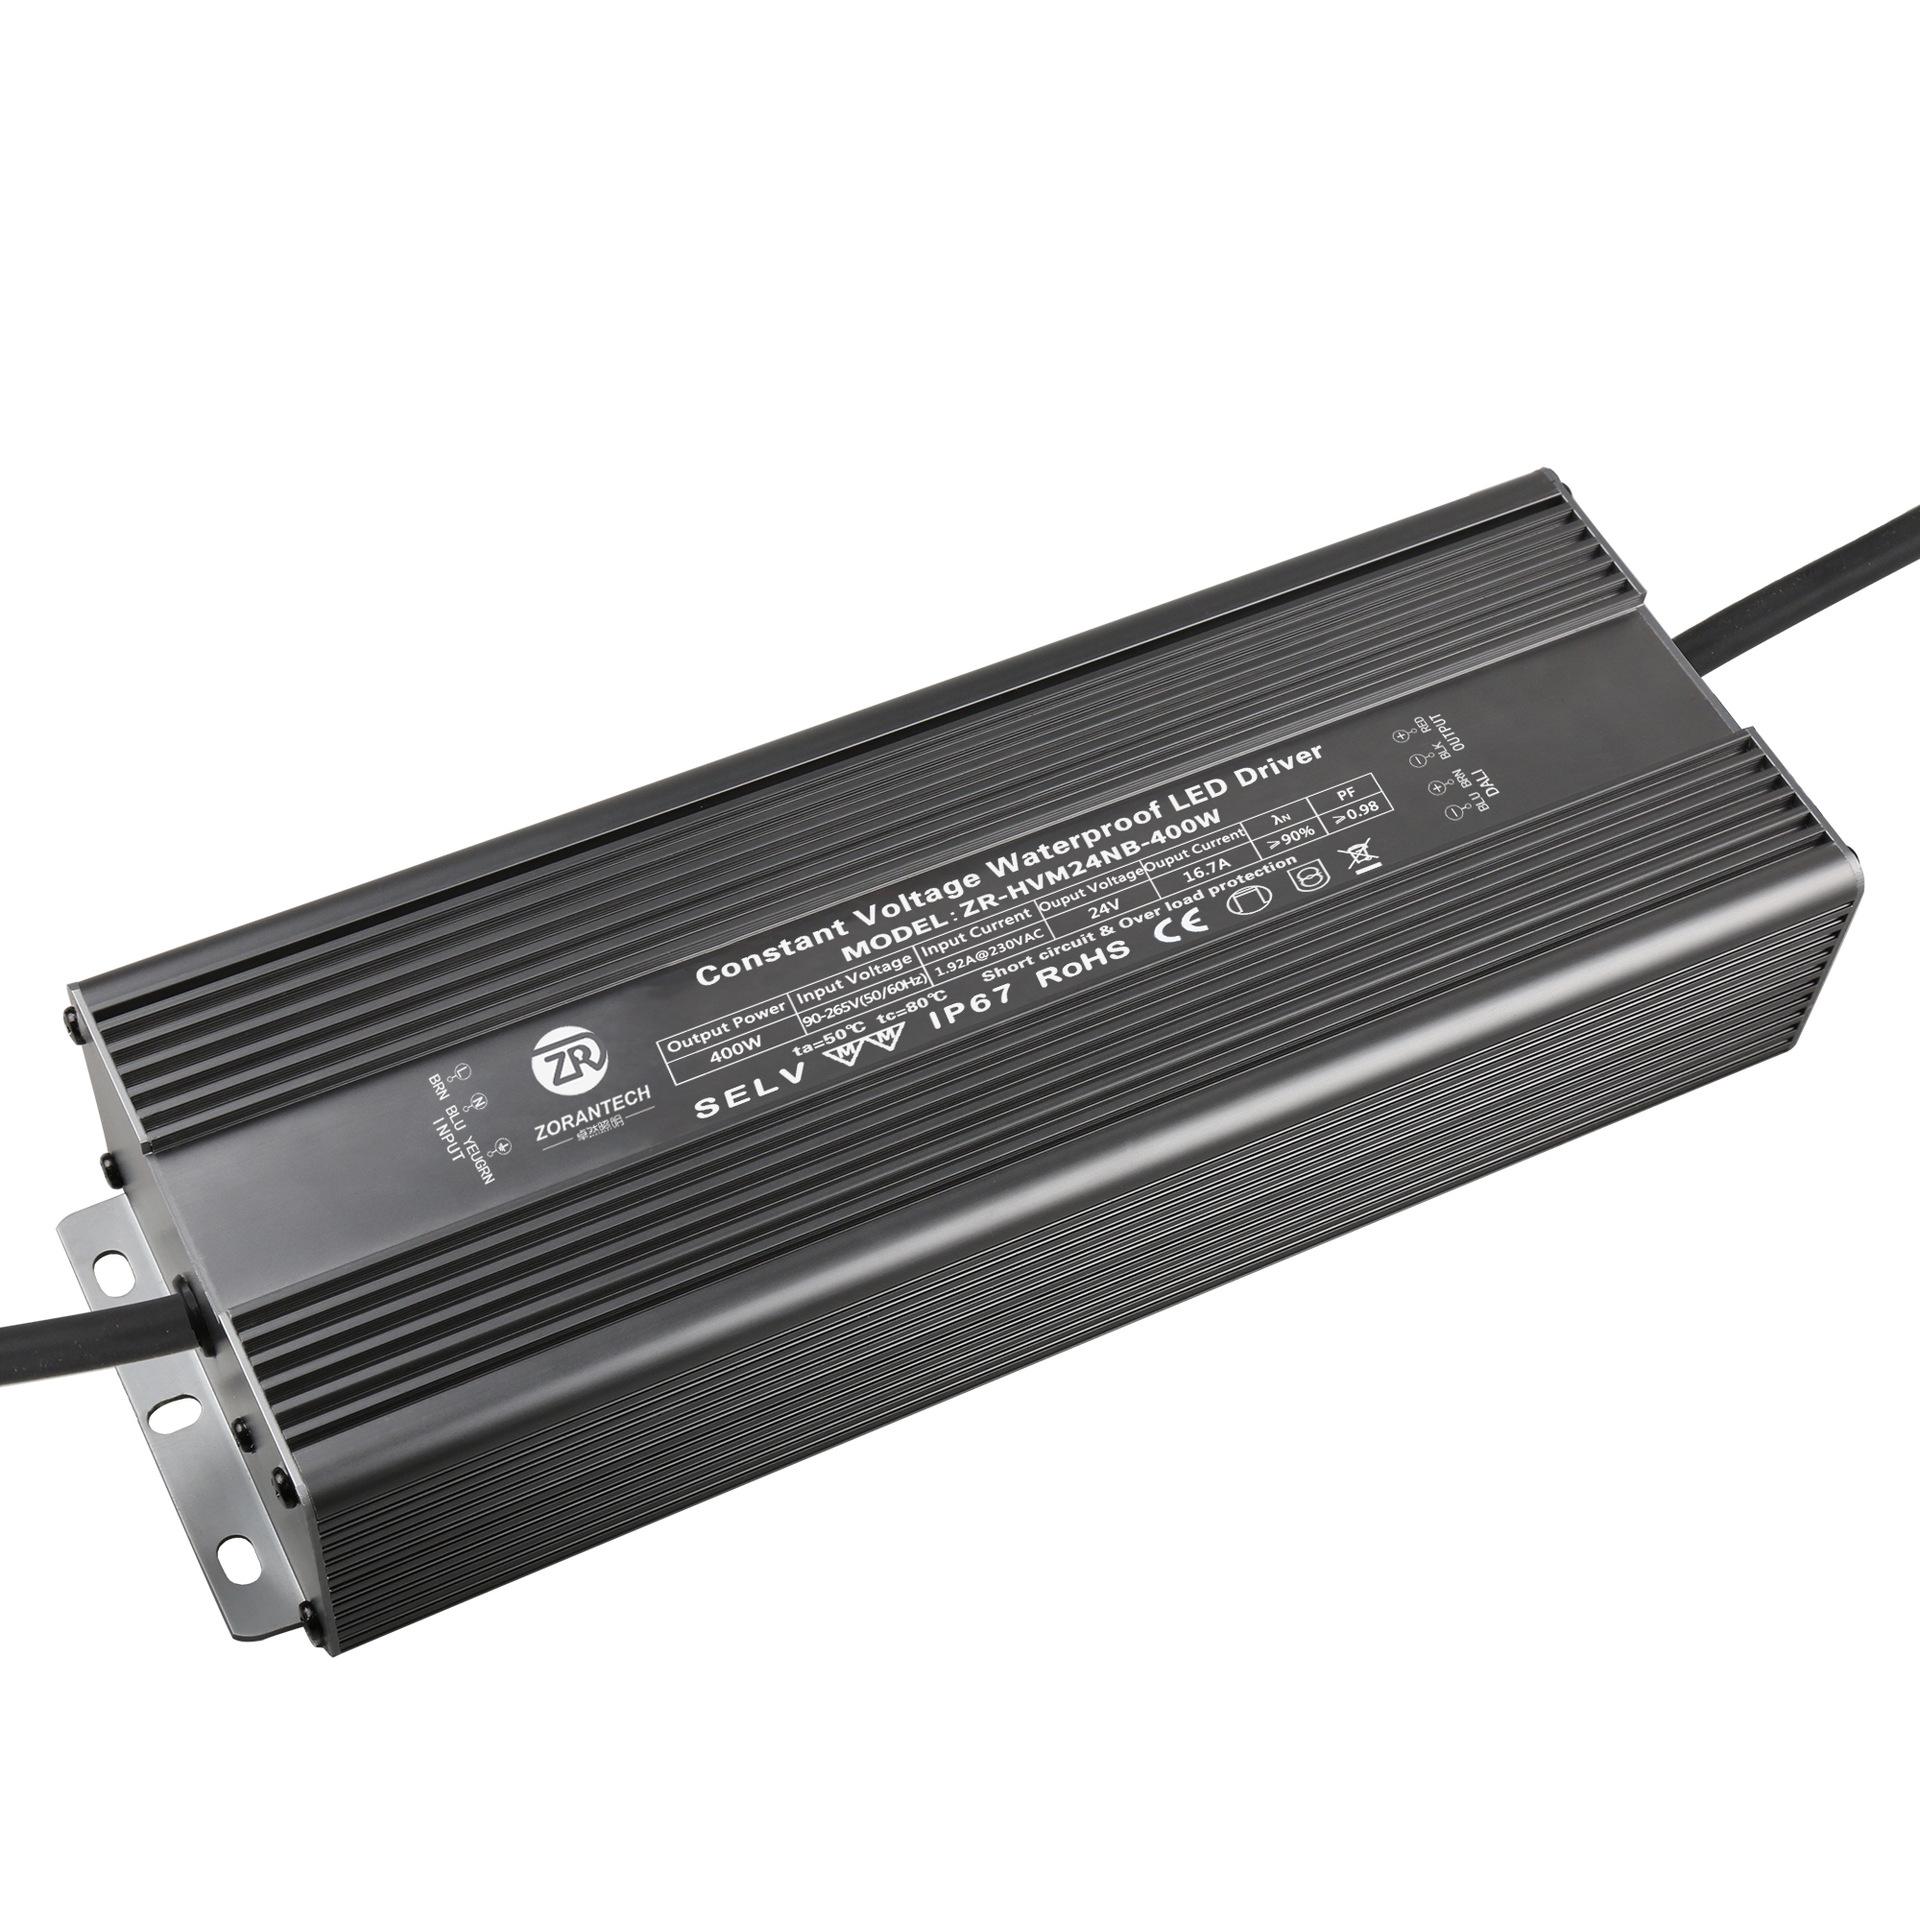 ZORANTECH Bộ nguồn cho đèn LED Bộ điều khiển LED mới cung cấp năng lượng Đèn 400W với điện áp LED kh